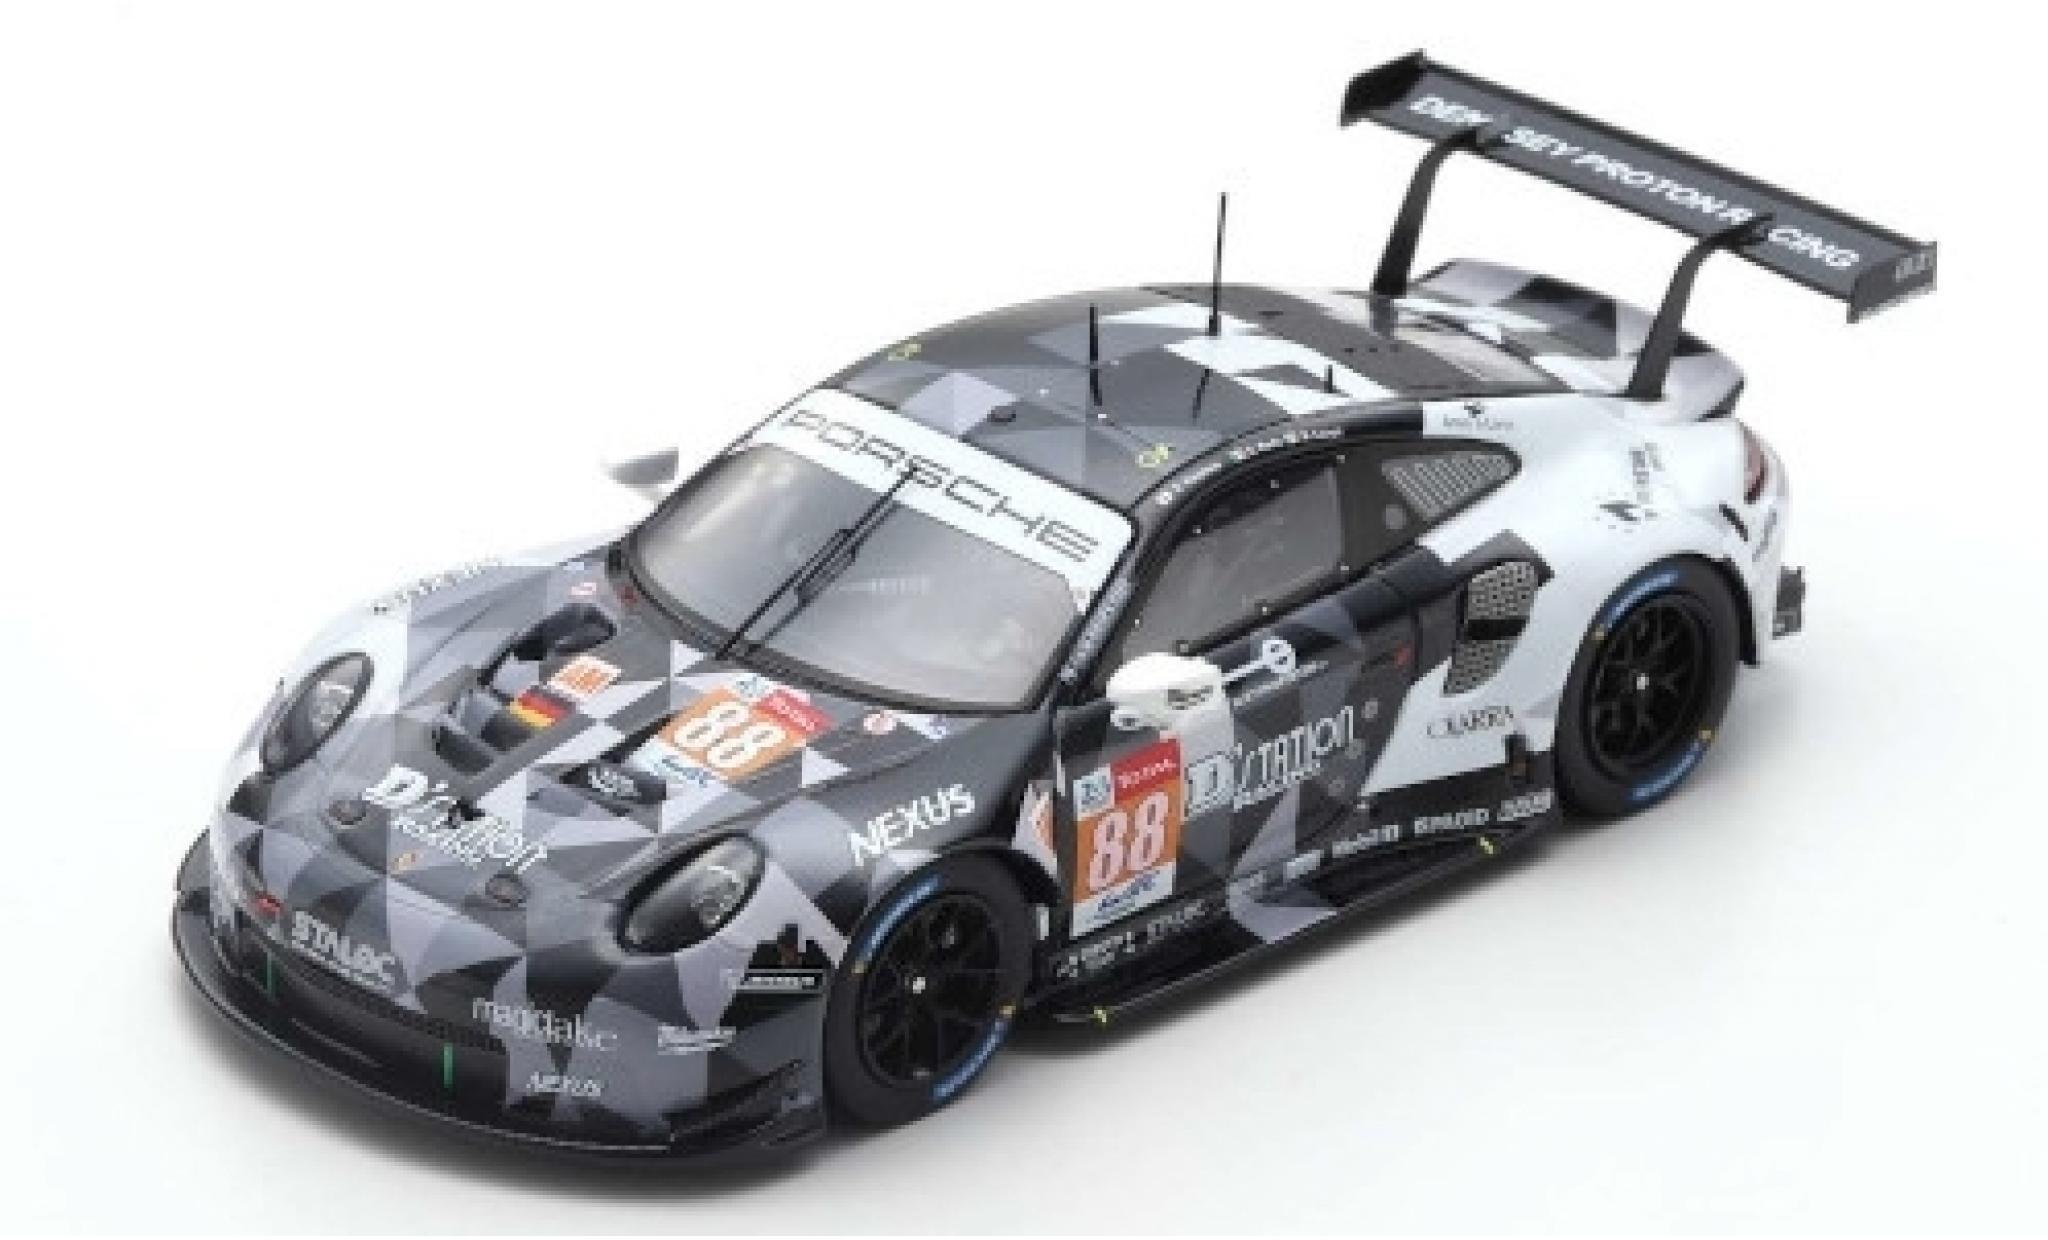 Porsche 992 RSR 1/43 Spark 911 (991) No.88 Dempsey-Predon Racing 24h Le Mans 2019 S.Hoshino/G.Roda/M.Cairoli